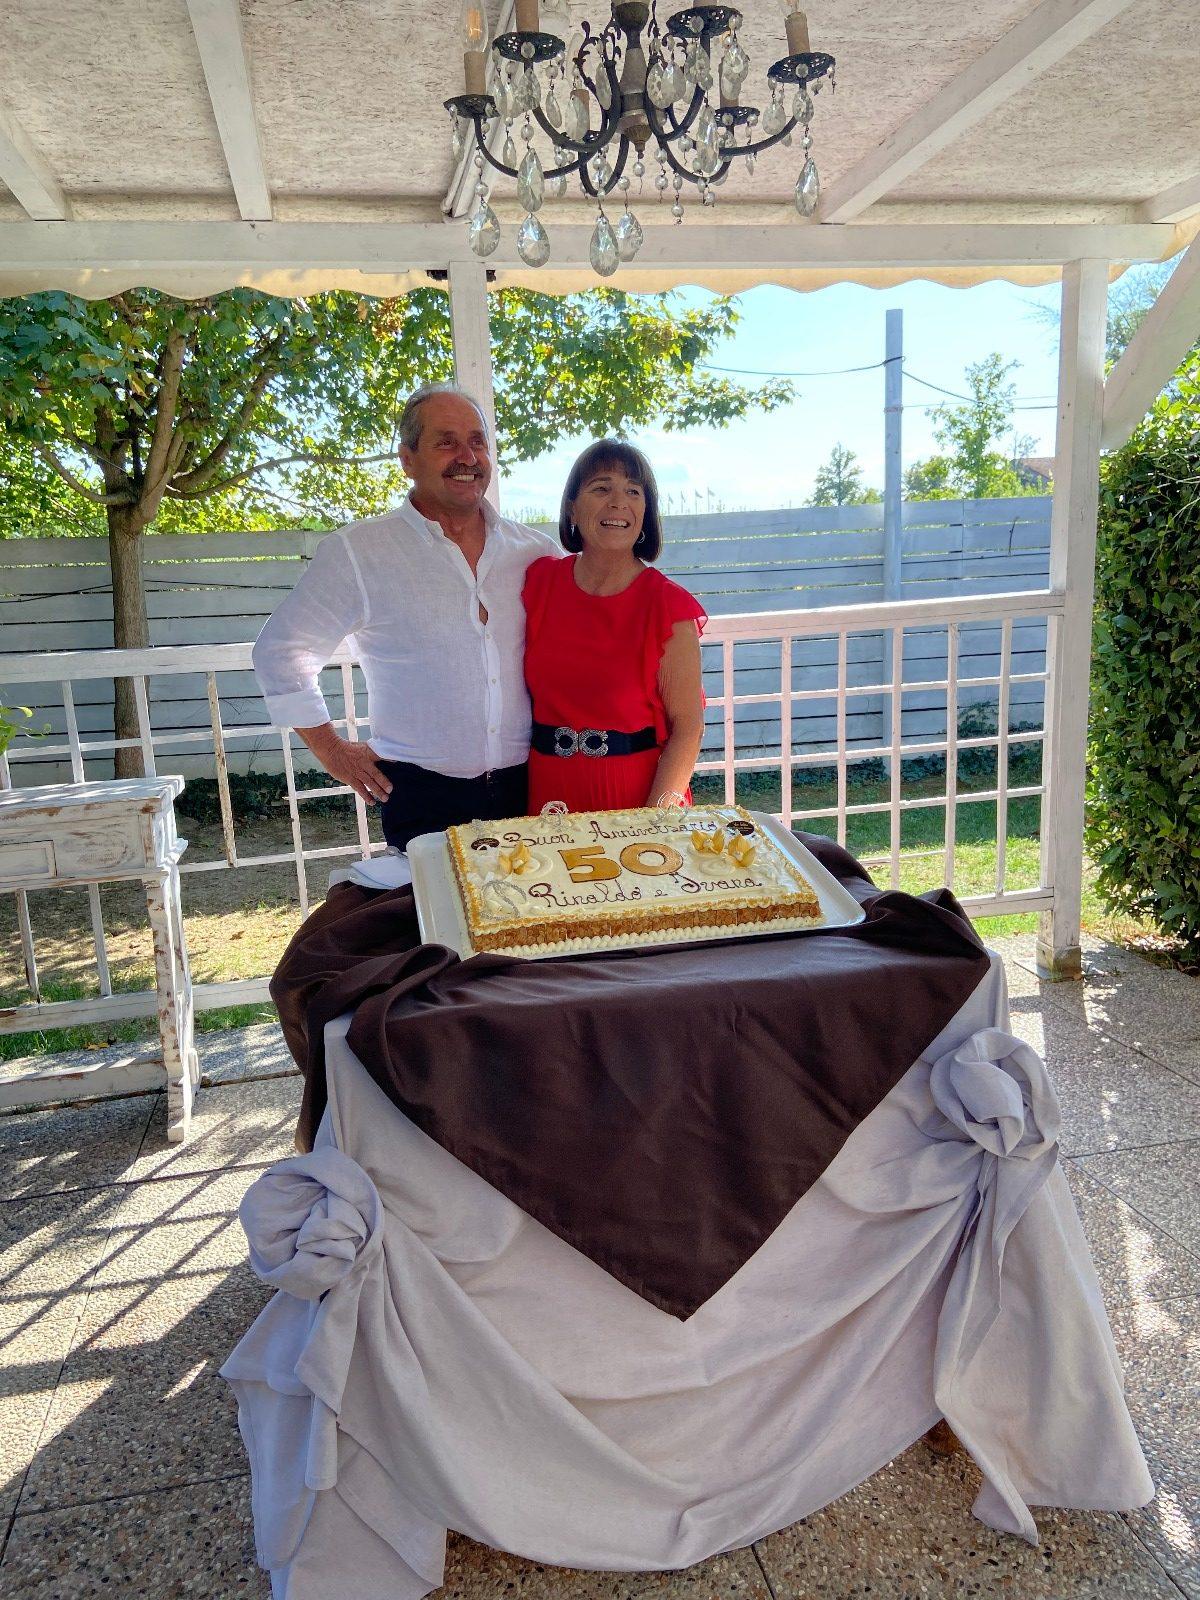 50 Anni Di Matrimonio Festeggiati Con Diabete Romagna, Ivana Brazzini E Rinaldo Amadori Ed Una Storia D'amore Infinito